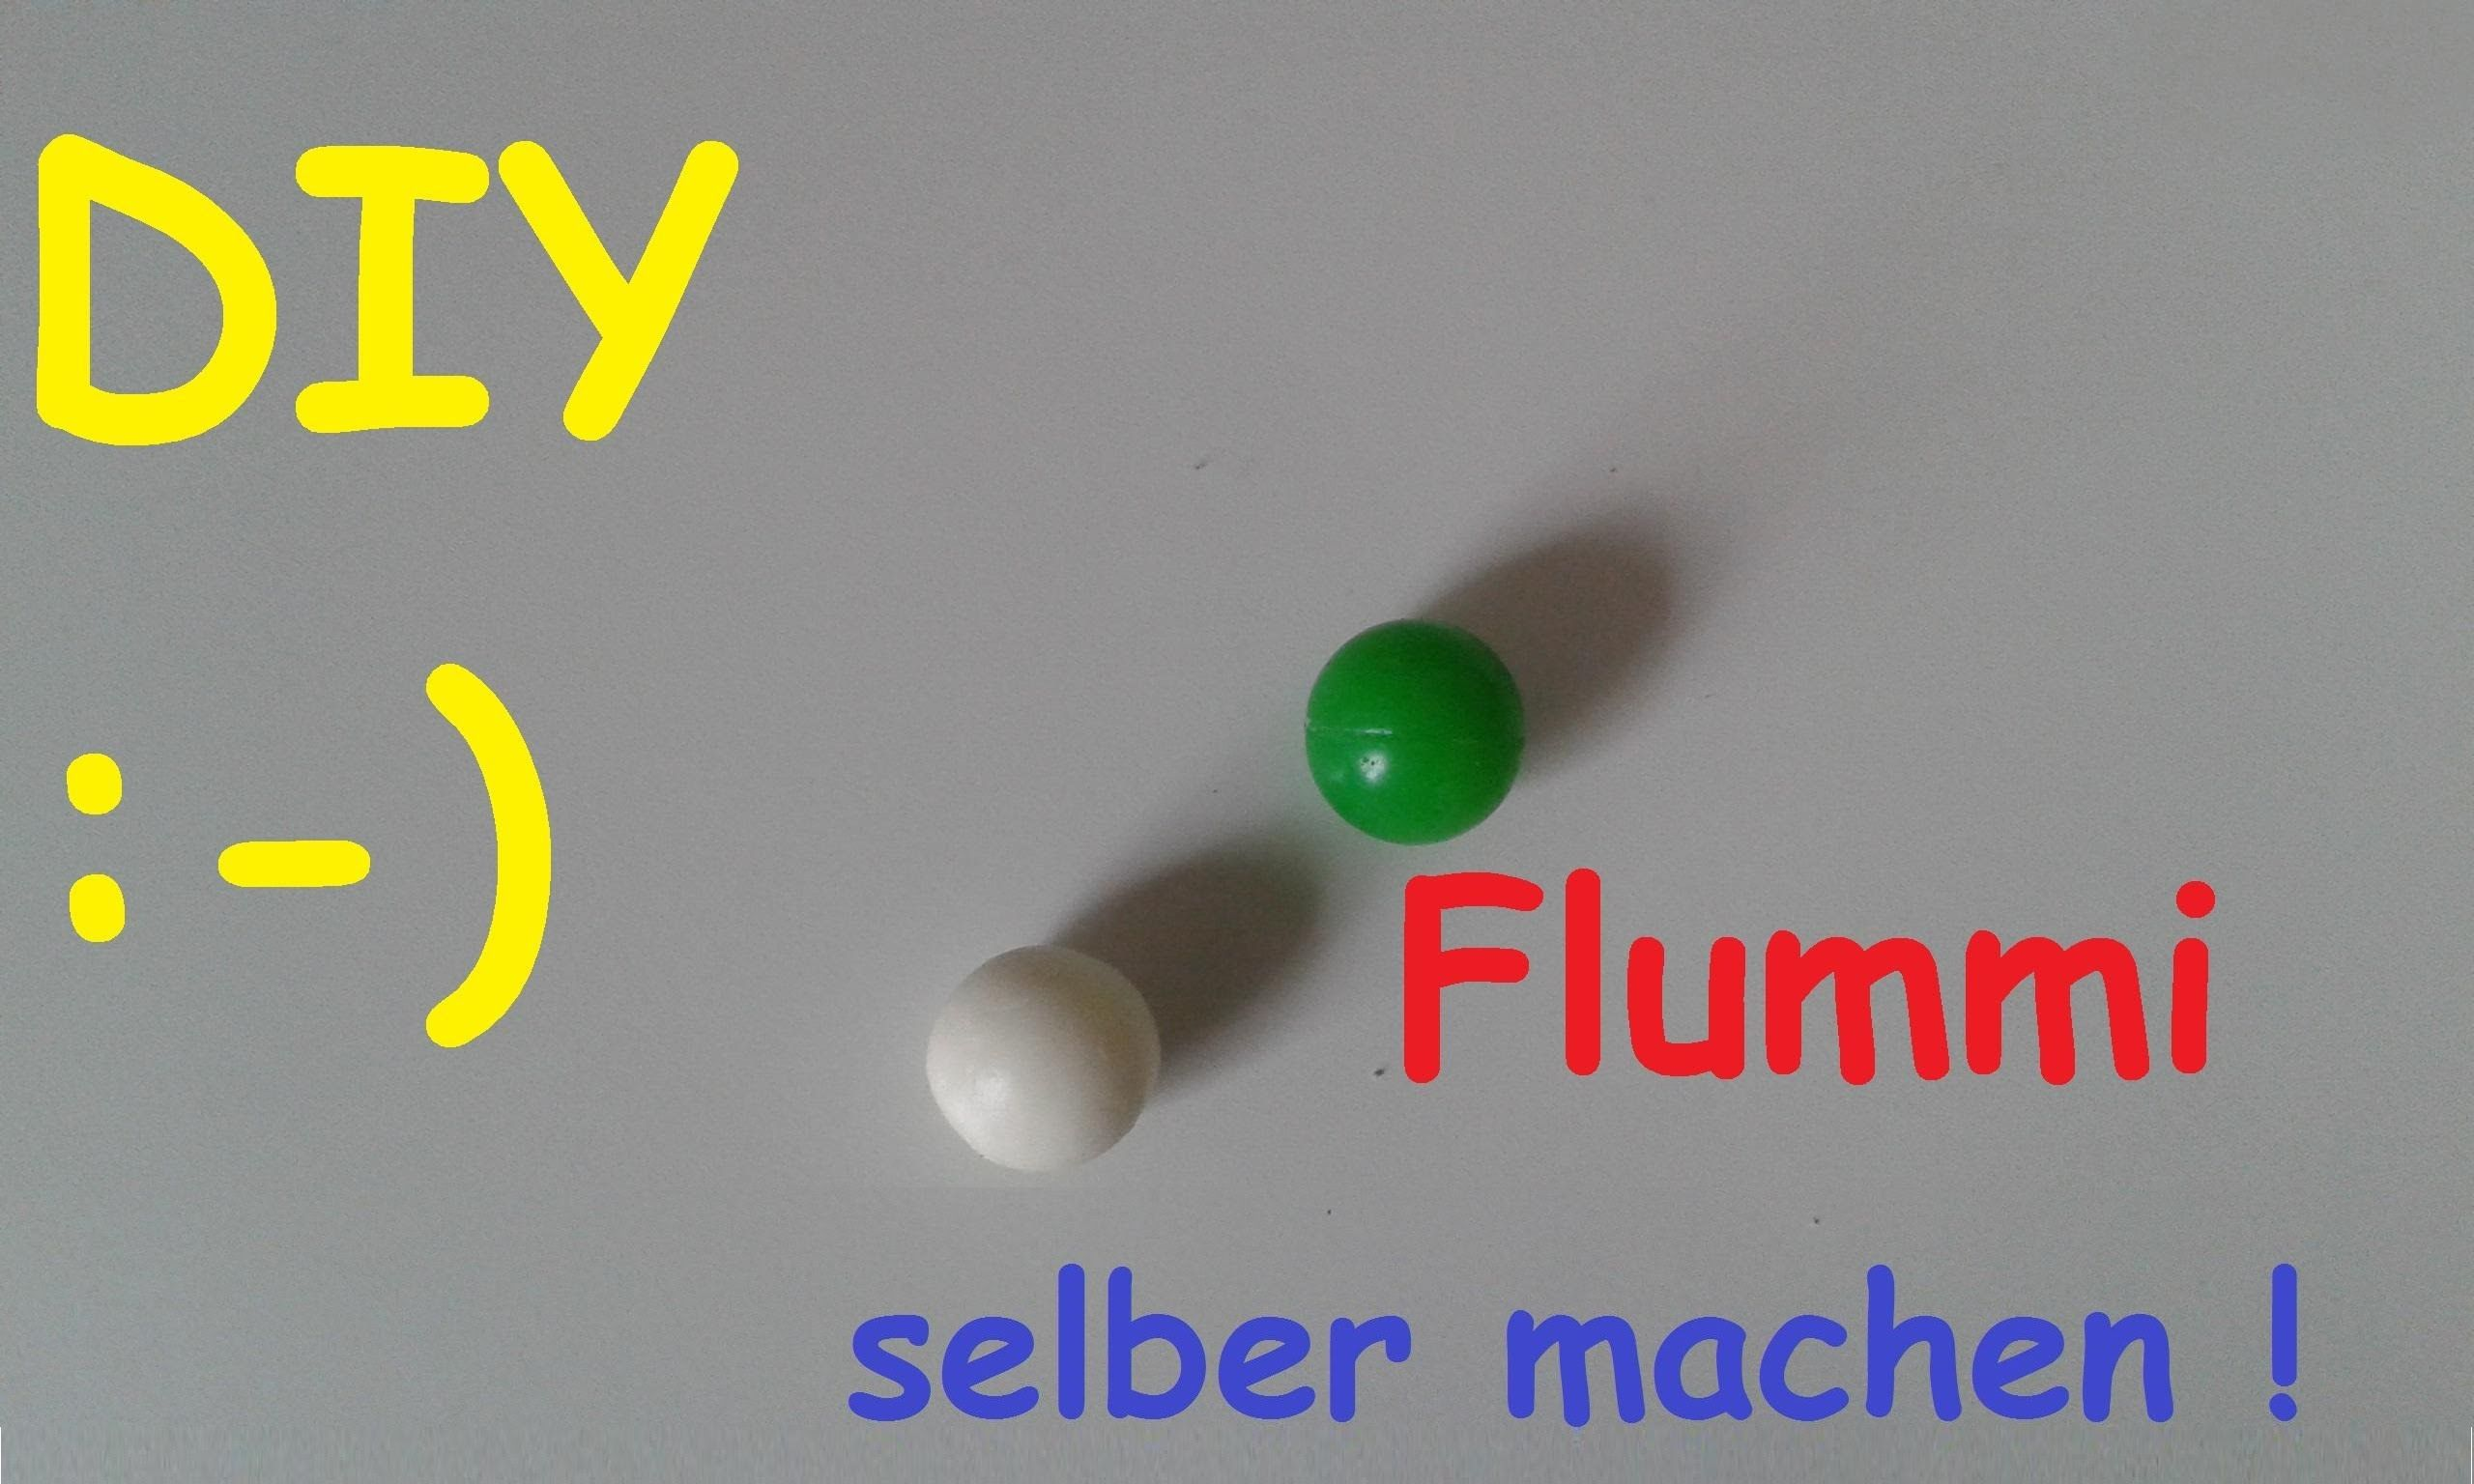 diy flummi aus silikon selber machen einen flummi herstellen bauen diy pinterest. Black Bedroom Furniture Sets. Home Design Ideas